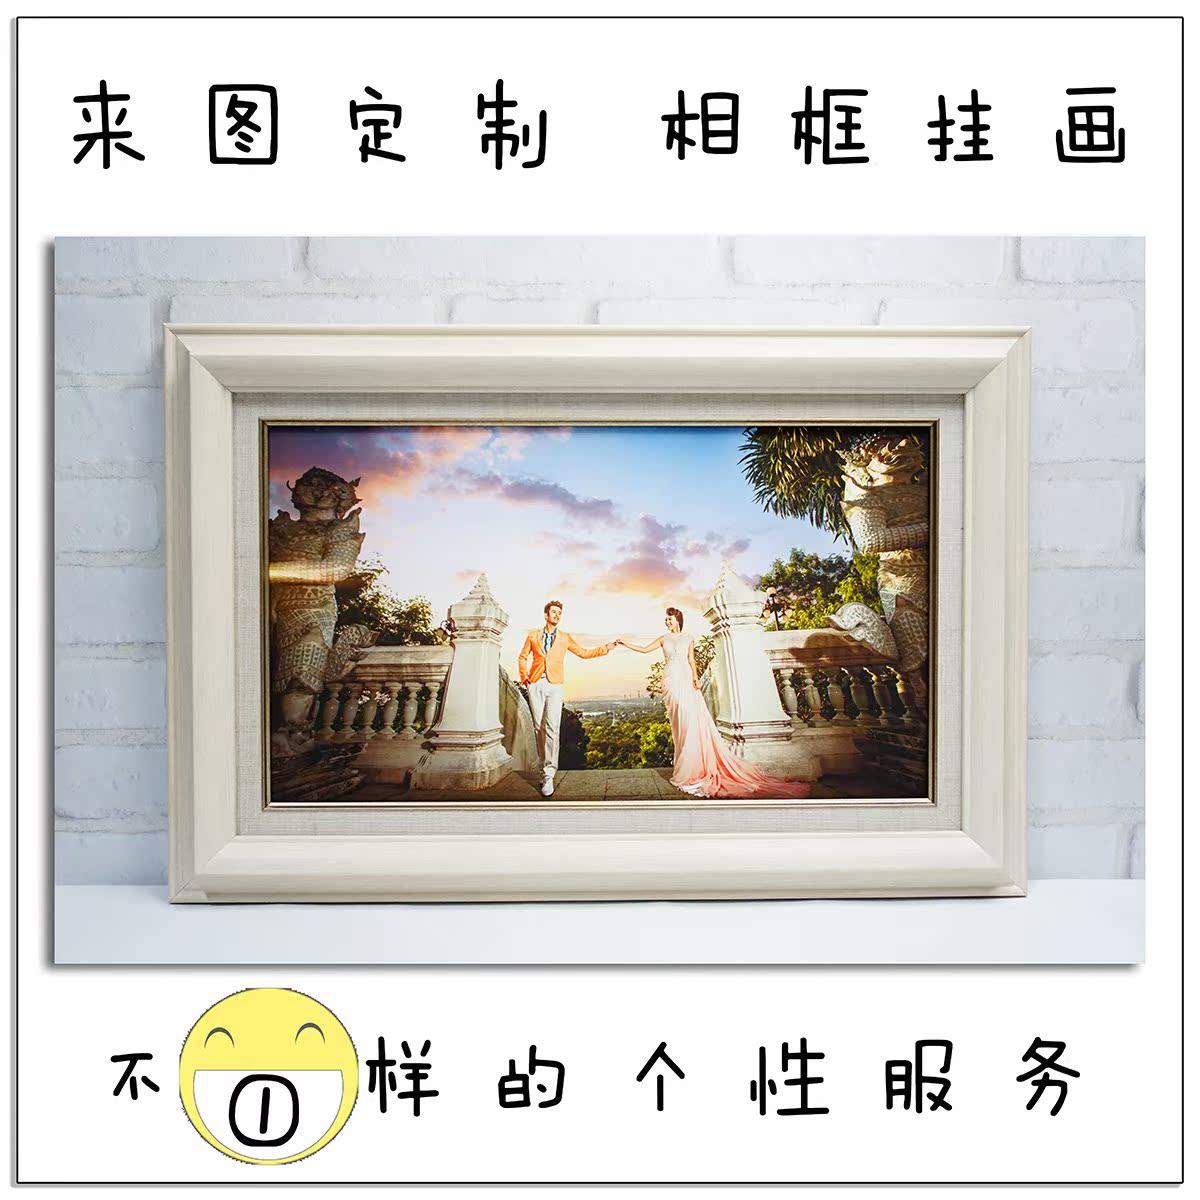 相框挂墙 影楼装饰画框创意定制简约欧式